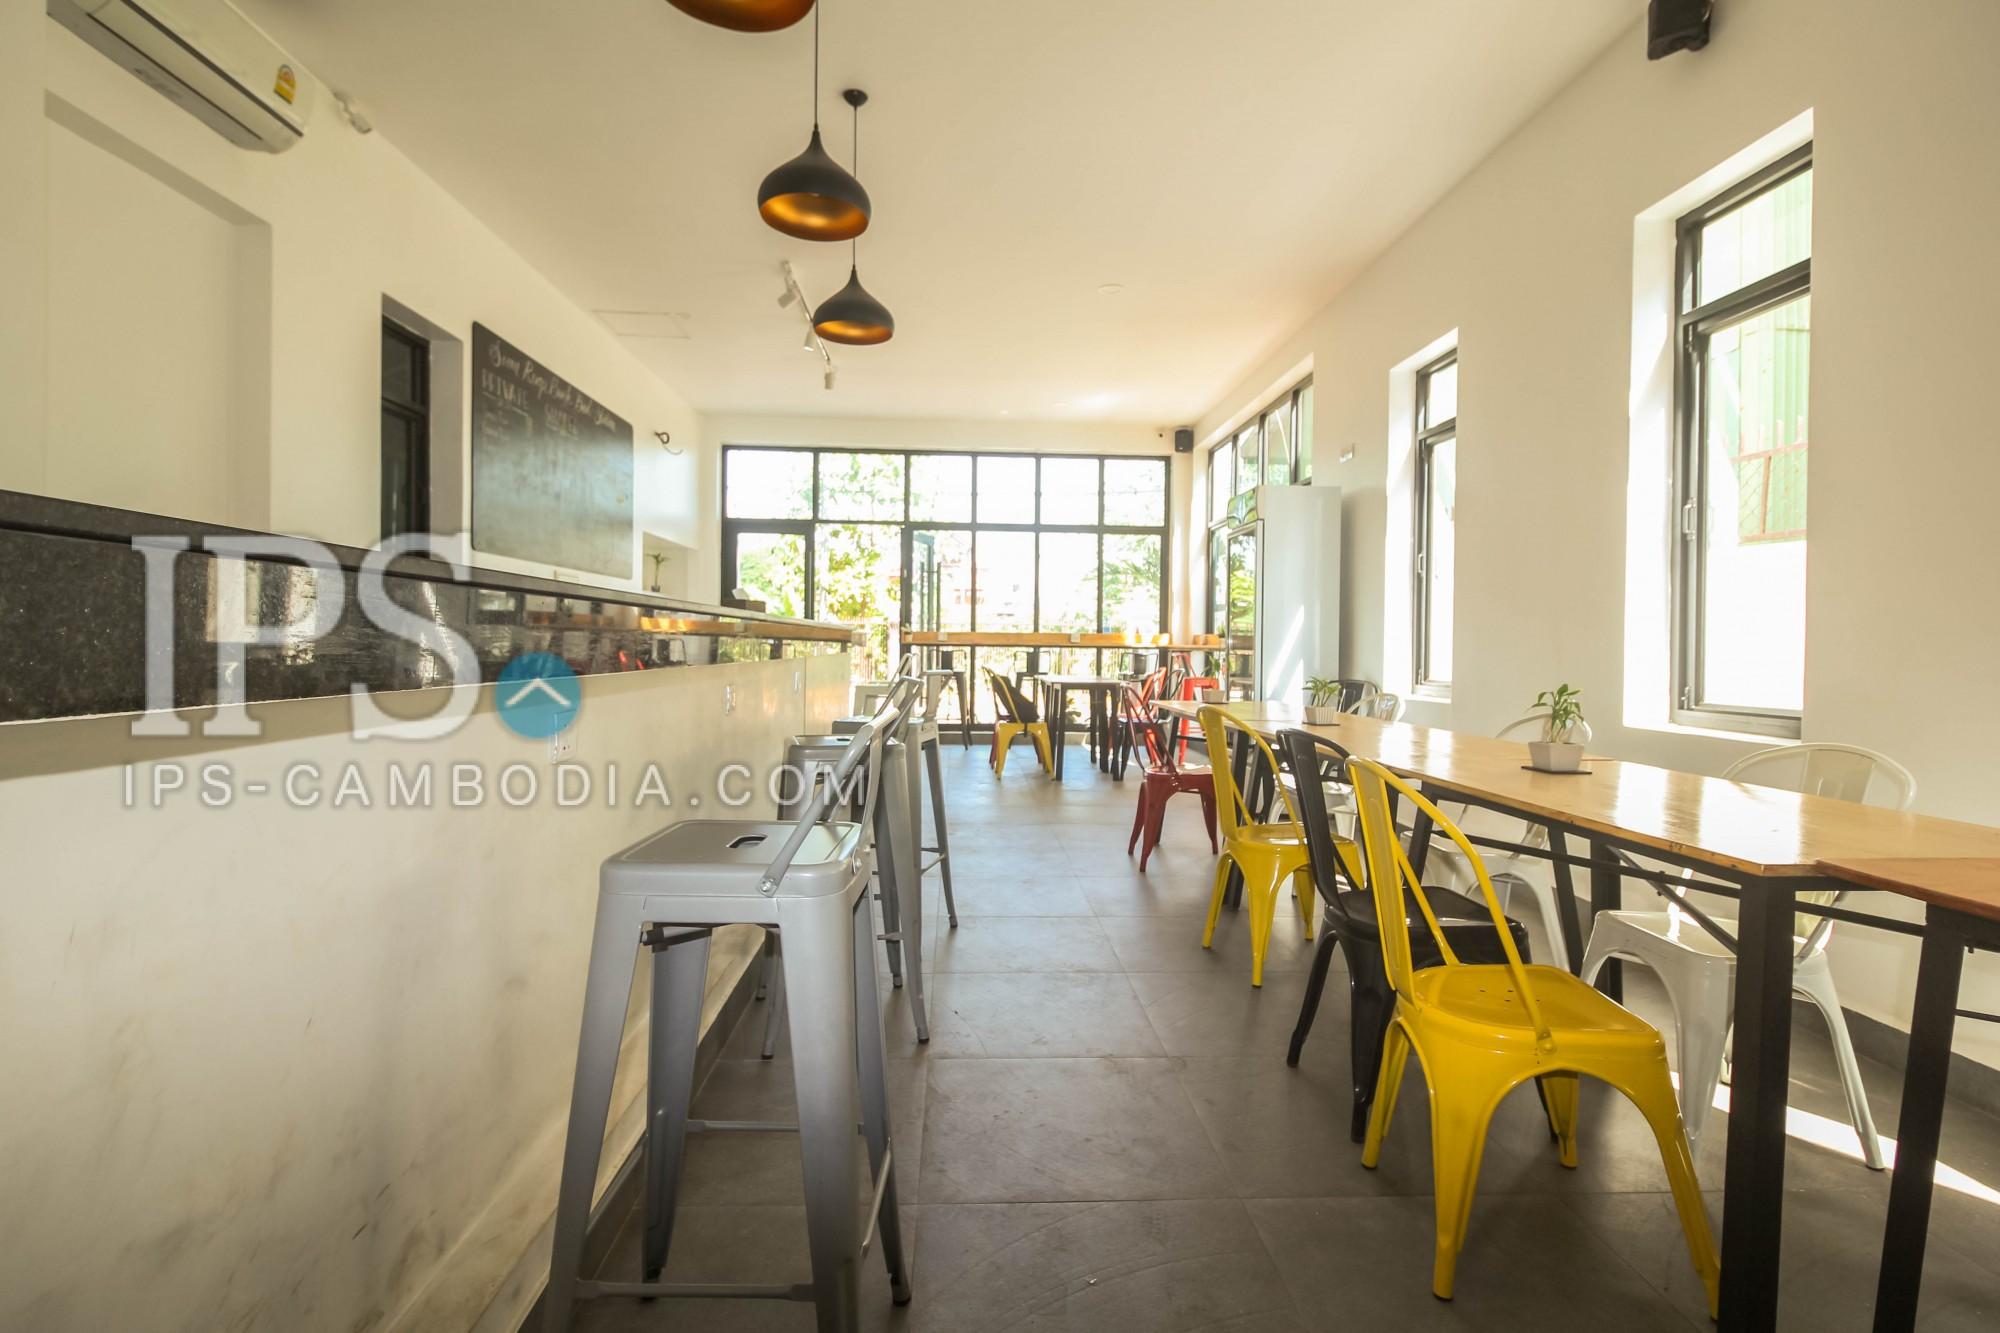 Hostel For Rent - River side, Siem Reap